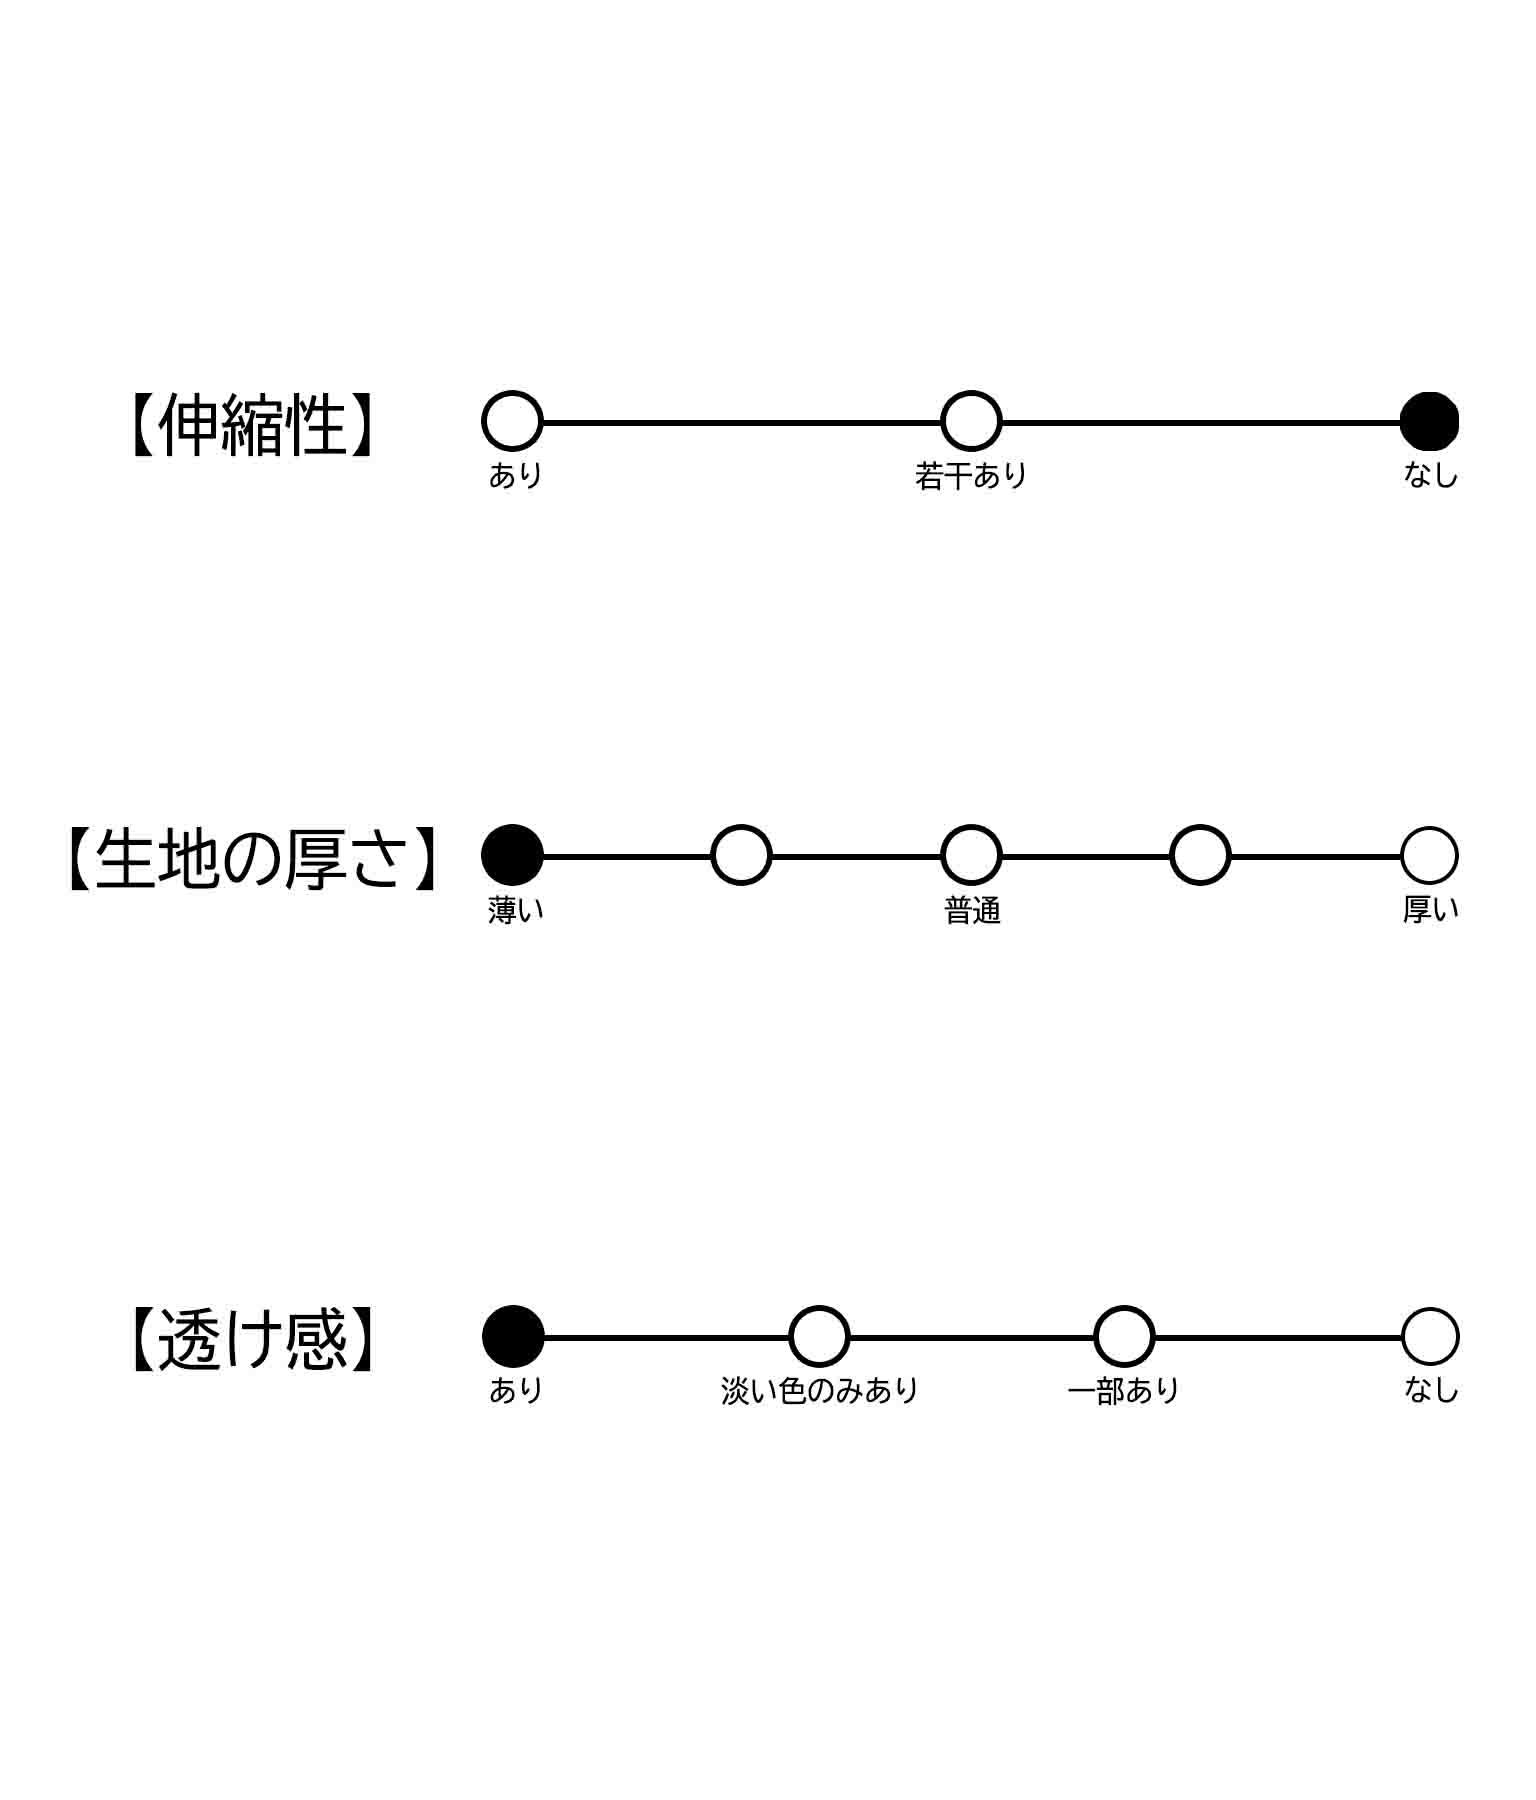 マルチストライプガウン(アウター(コート・ジャケット) /ミディアムワンピ・カーディガン・ガウンコート) | anap mimpi